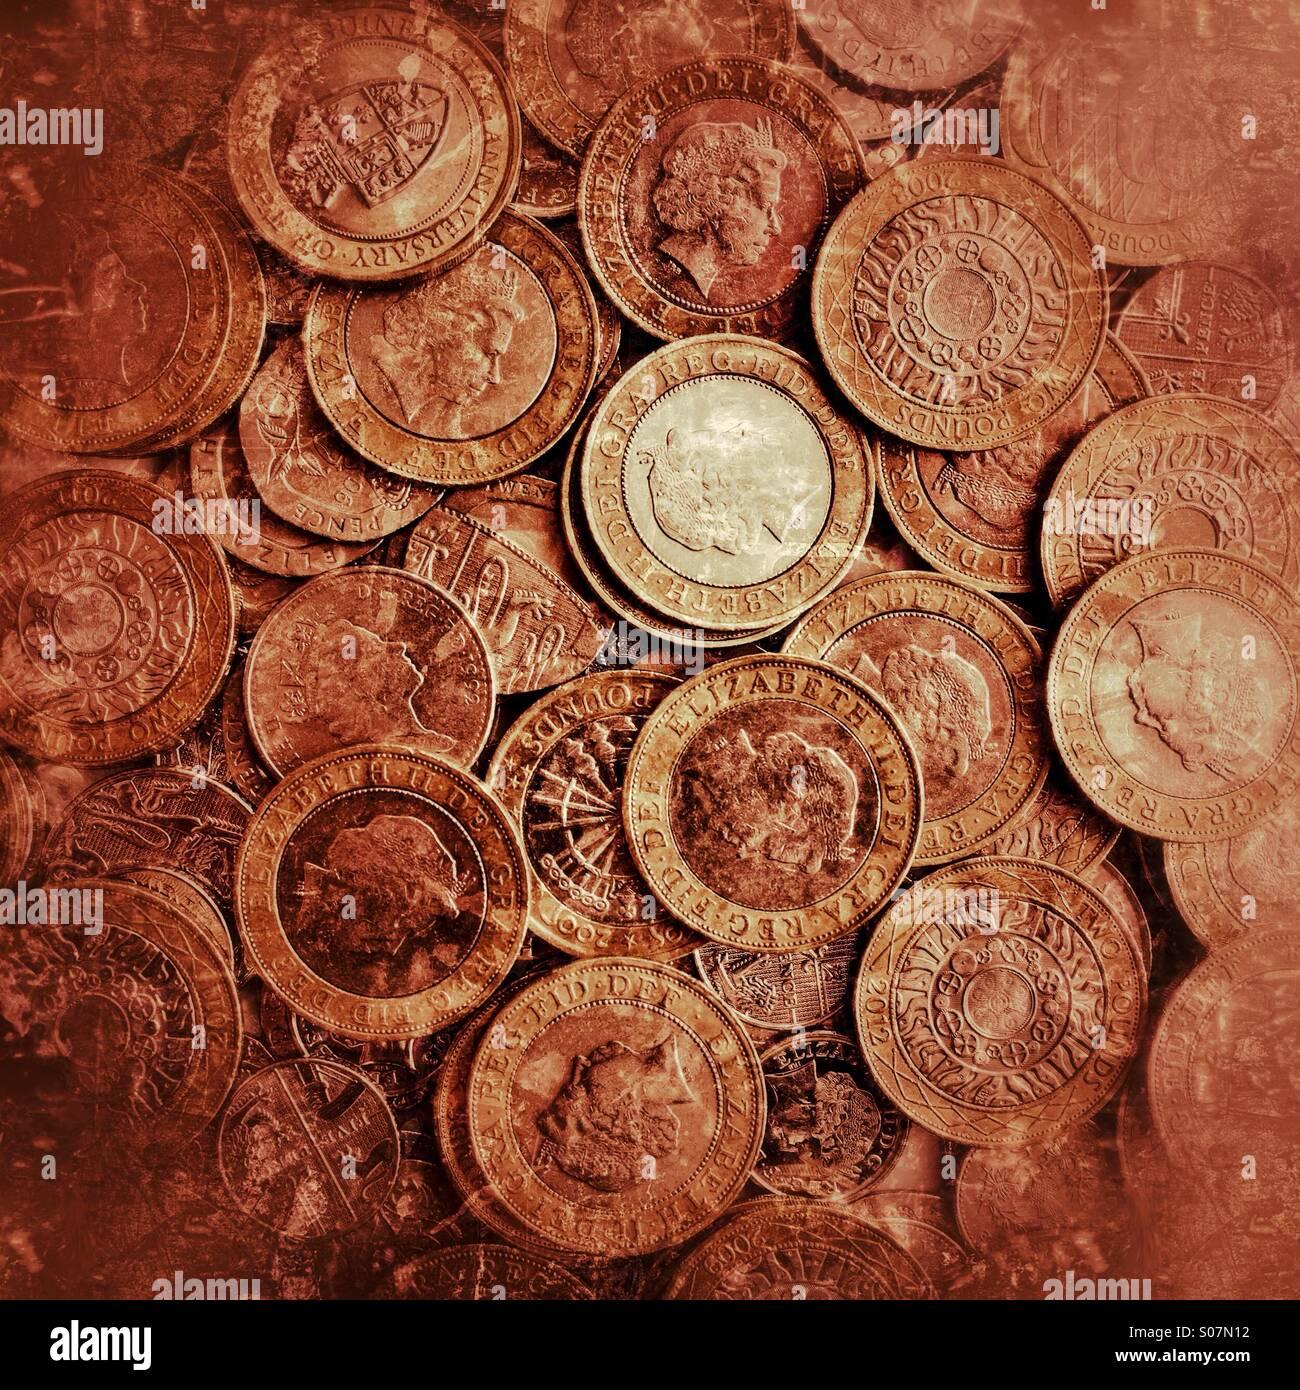 Ein Vorrat an britische £2 Münzen Stockbild